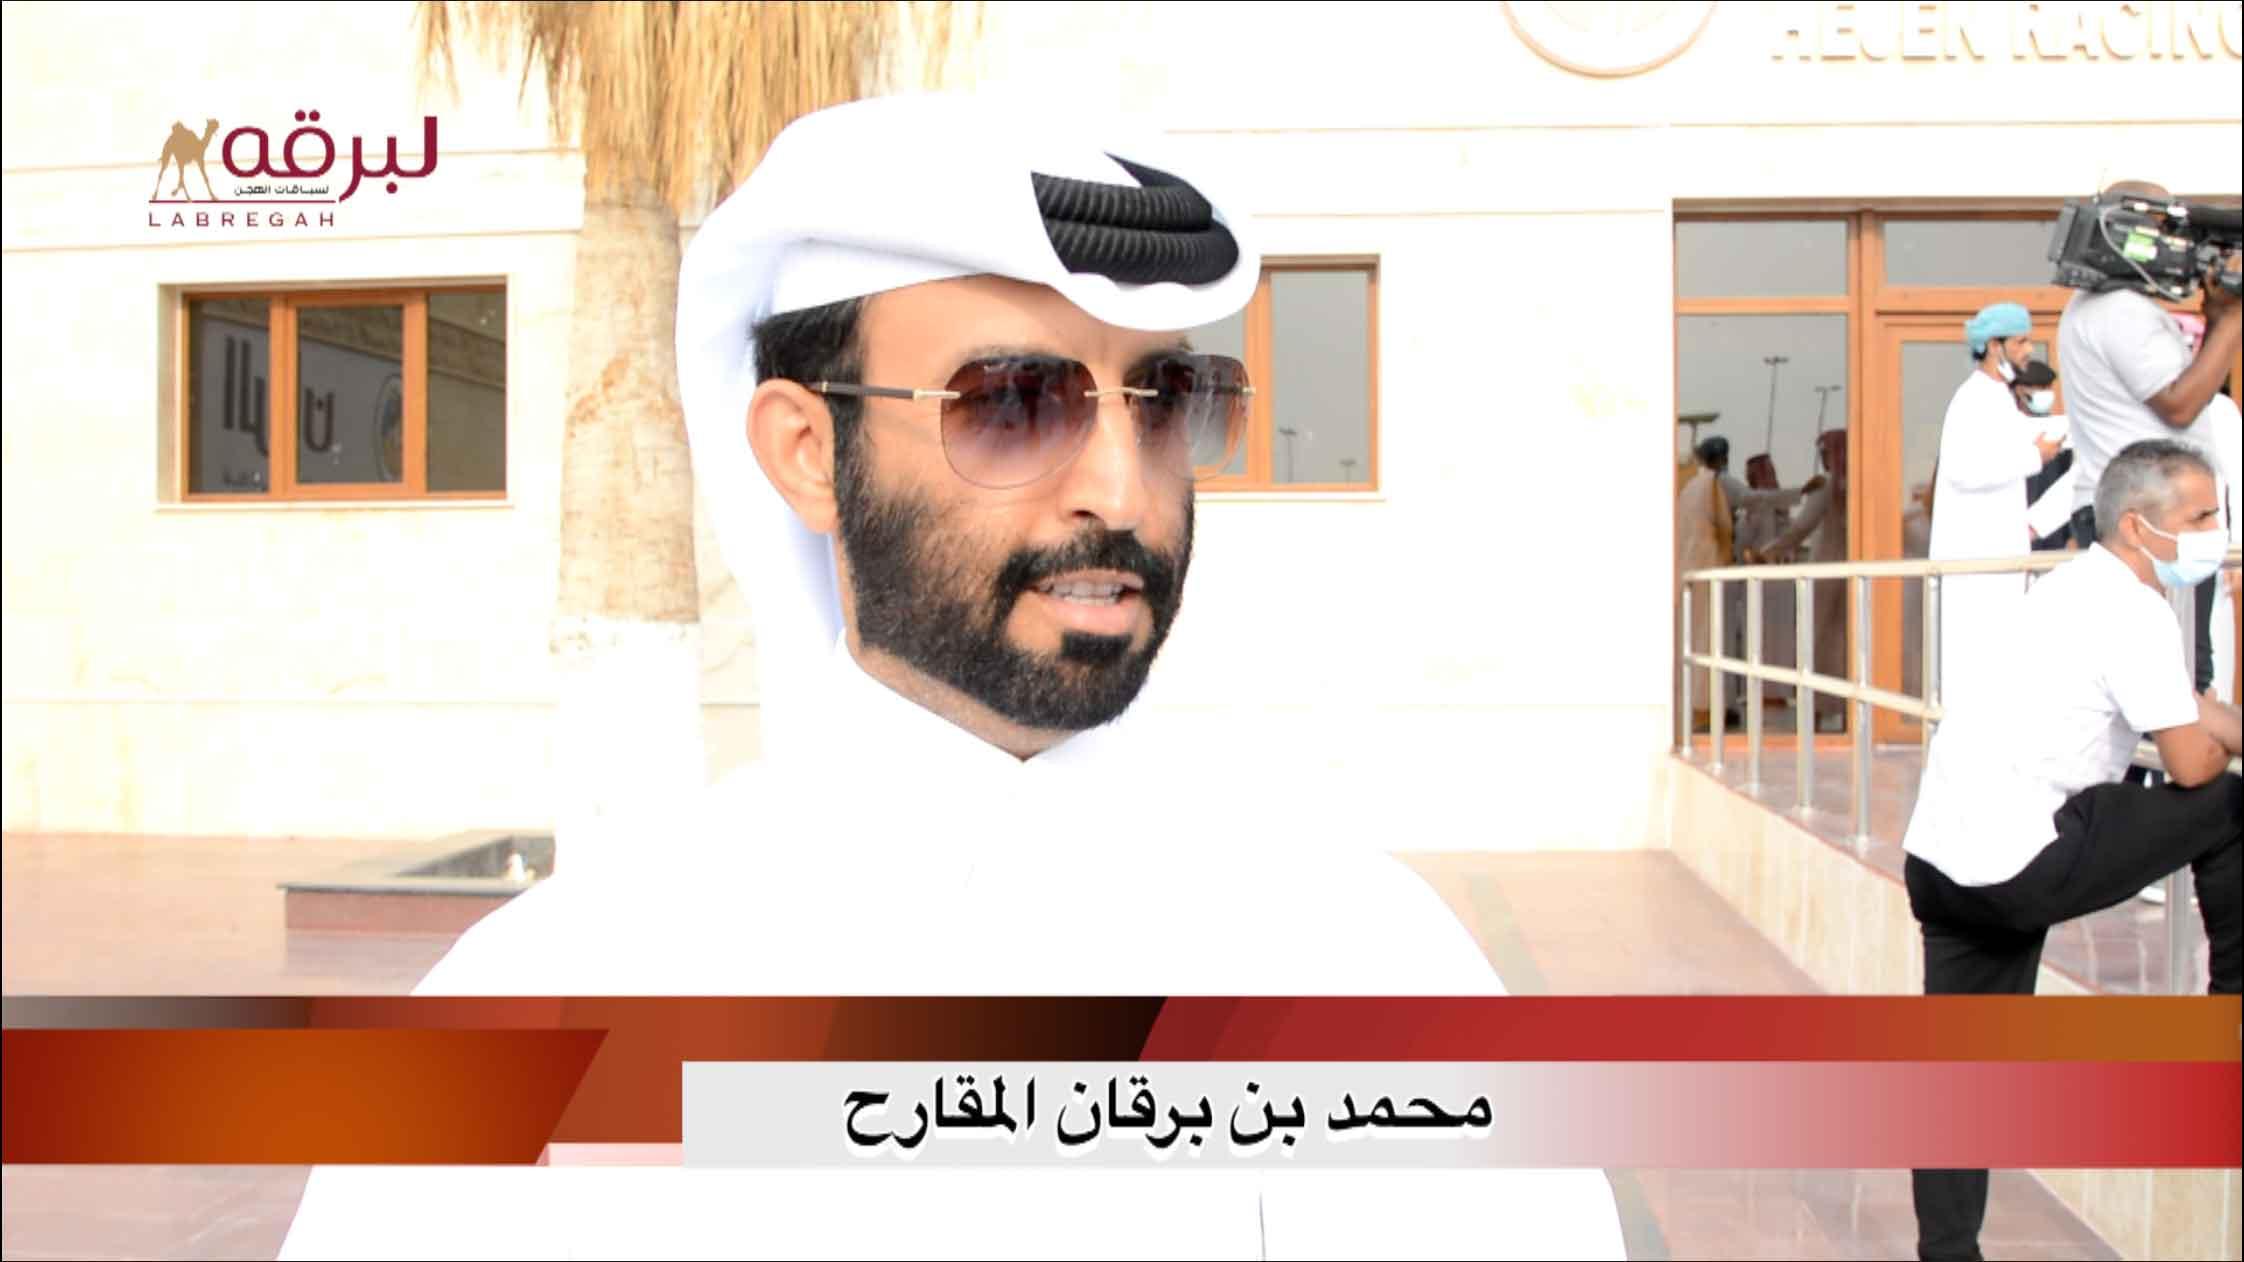 لقاء مع محمد بن برقان المقارح.. الشلفة الفضية للقايا بكار « عمانيات » الأشواط العامة ١-١٢-٢٠٢٠